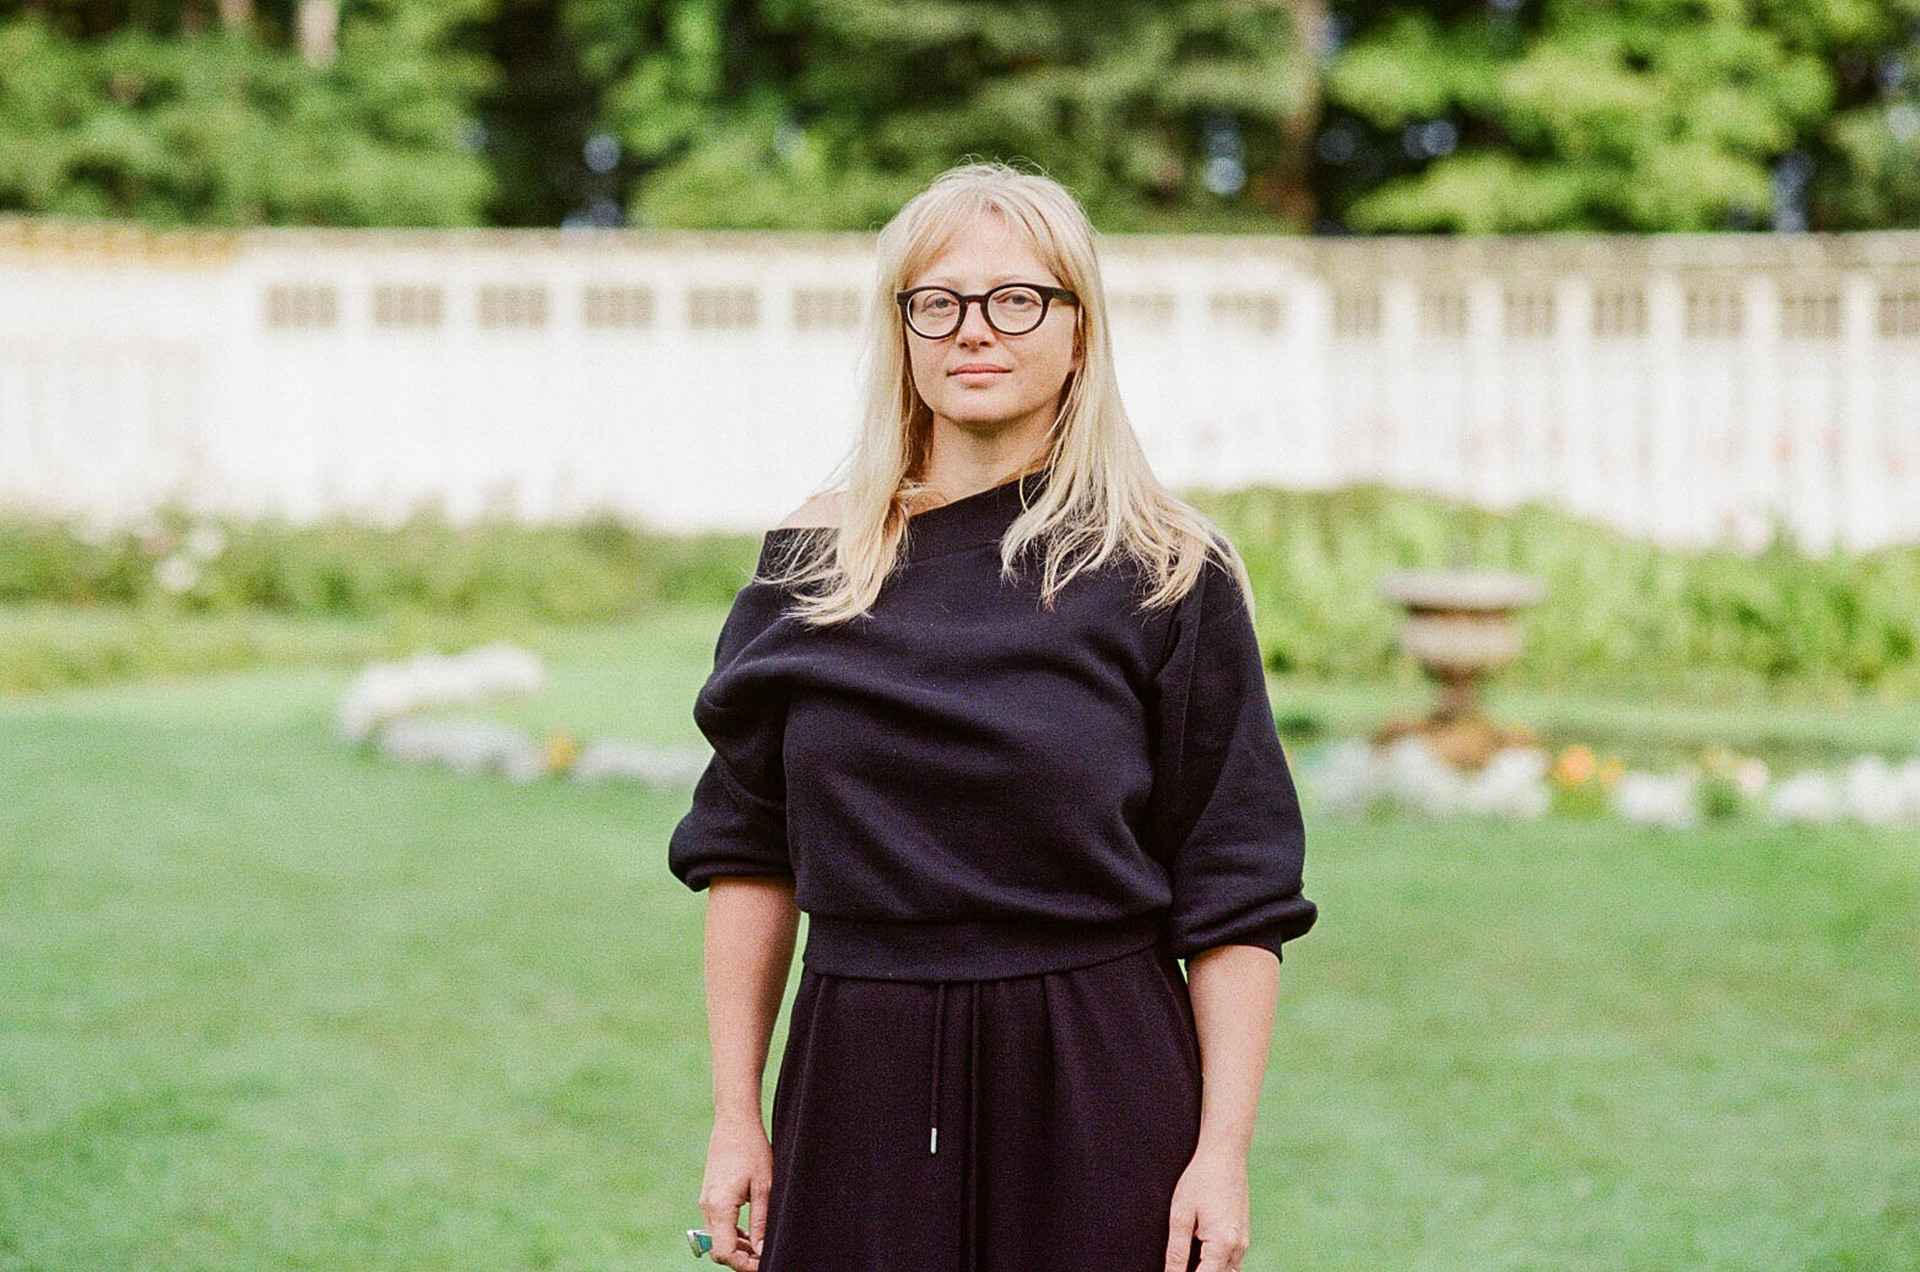 Budapesten a levegőben van az inspiráció - Karina Vissonova